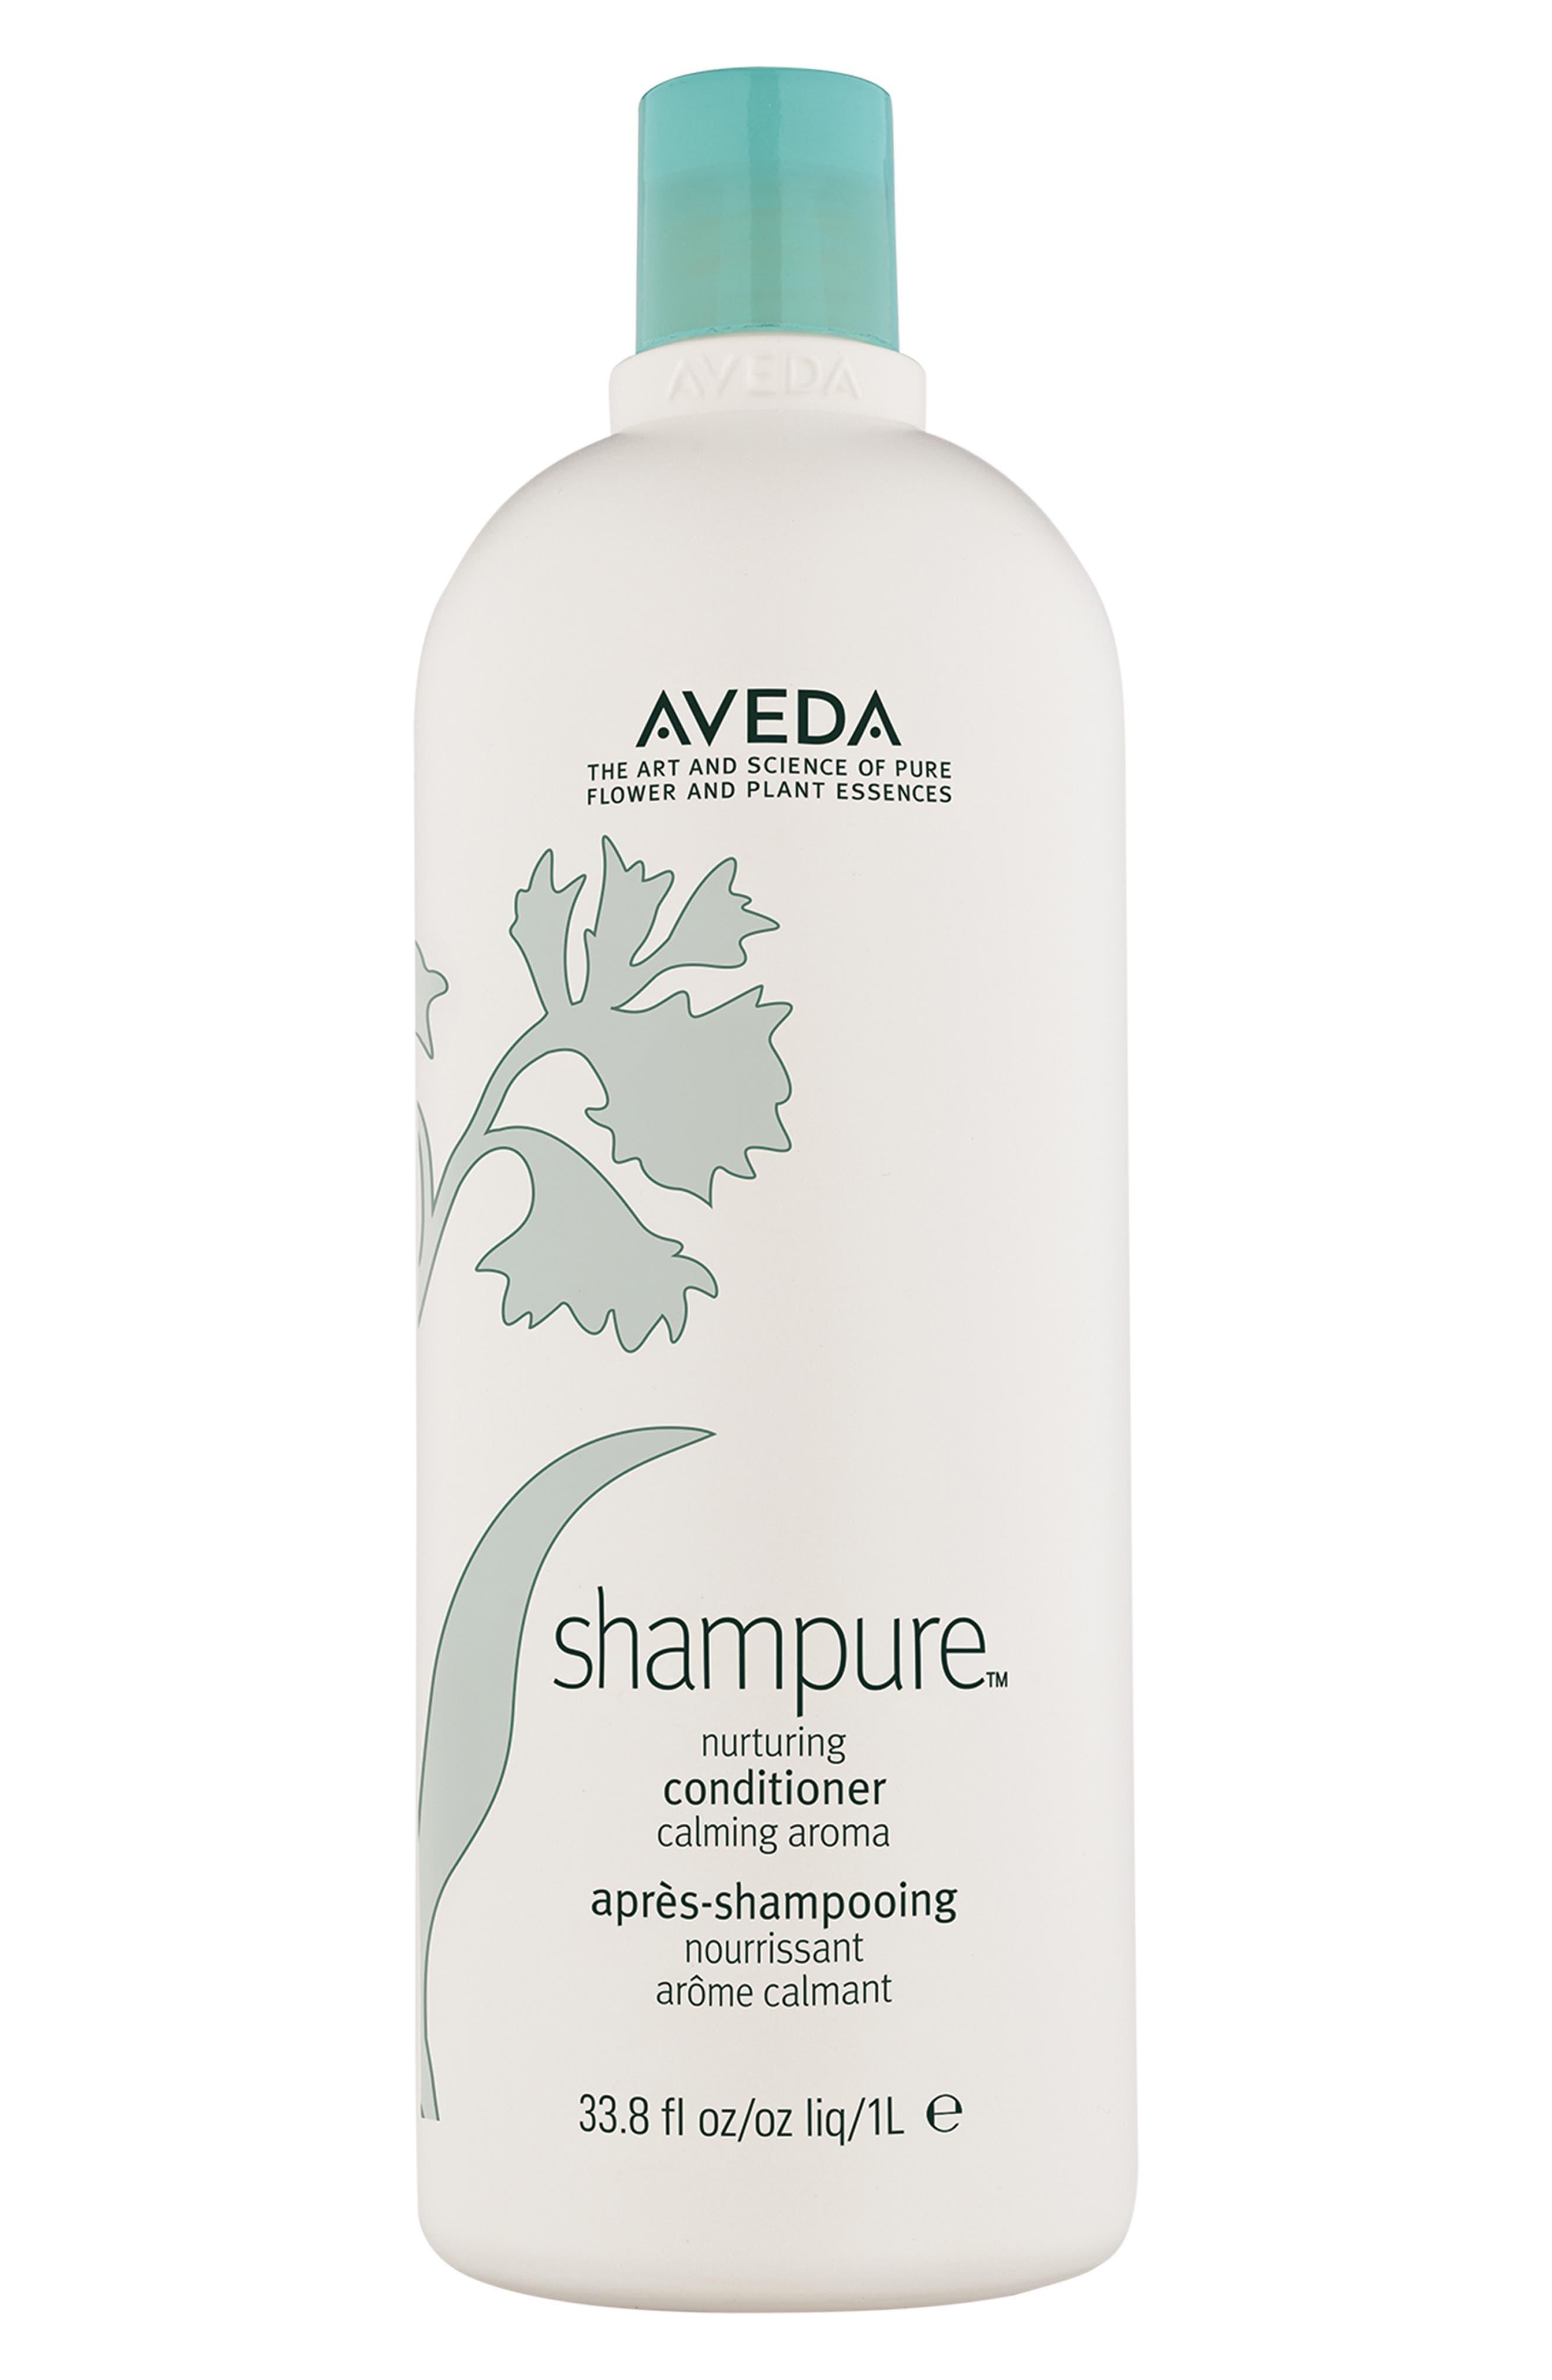 AVEDA, shampure<sup>™</sup> Nurturing Conditioner, Alternate thumbnail 4, color, NO COLOR